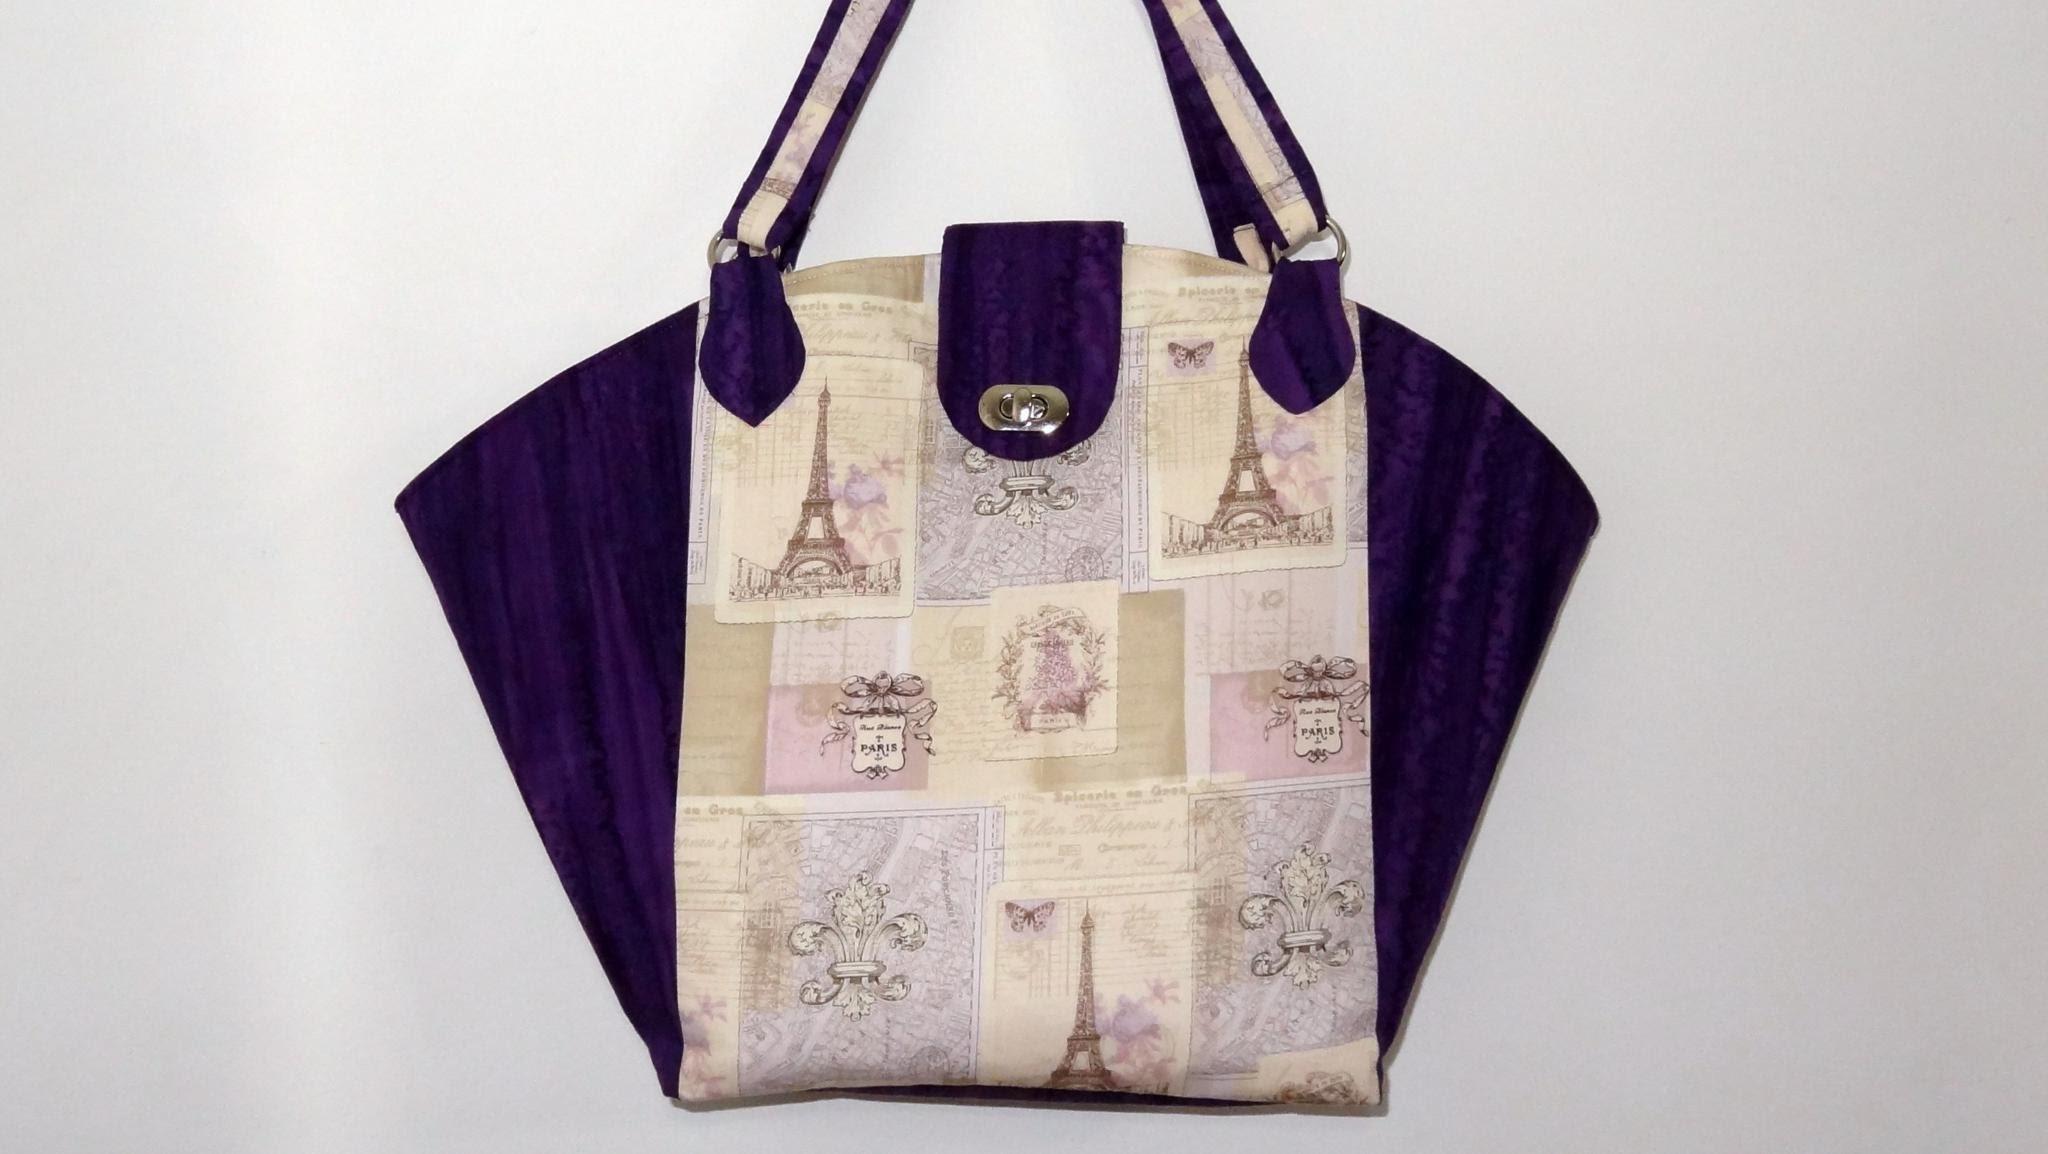 Bolsa.sacola Loren - Bolsa.sacola em tecidos - Maria Adna Ateliê - Aula de bolsa.sacola